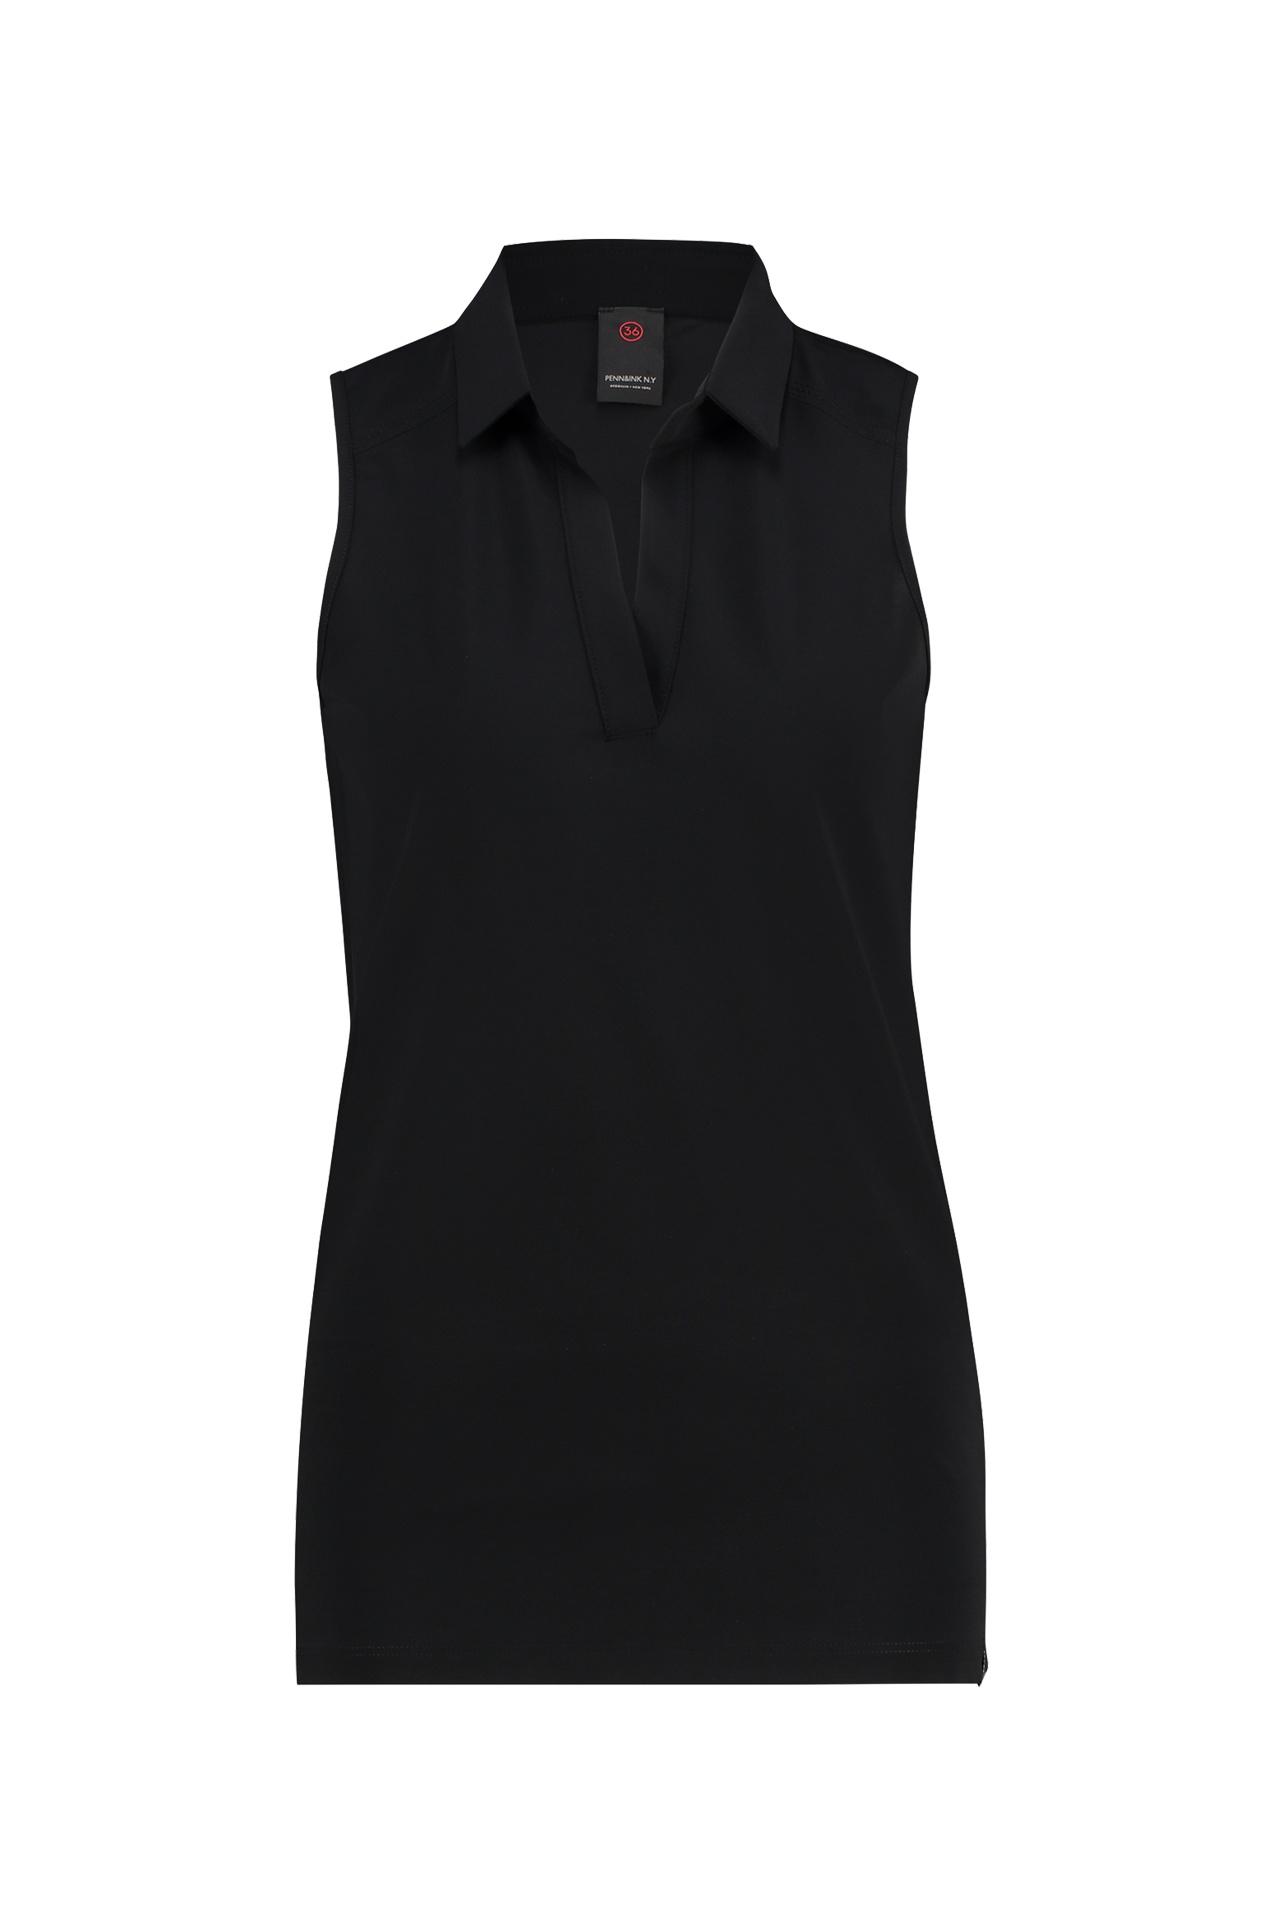 Zwarte mouwloze dames polo Penn&Ink - S19LTD Reno